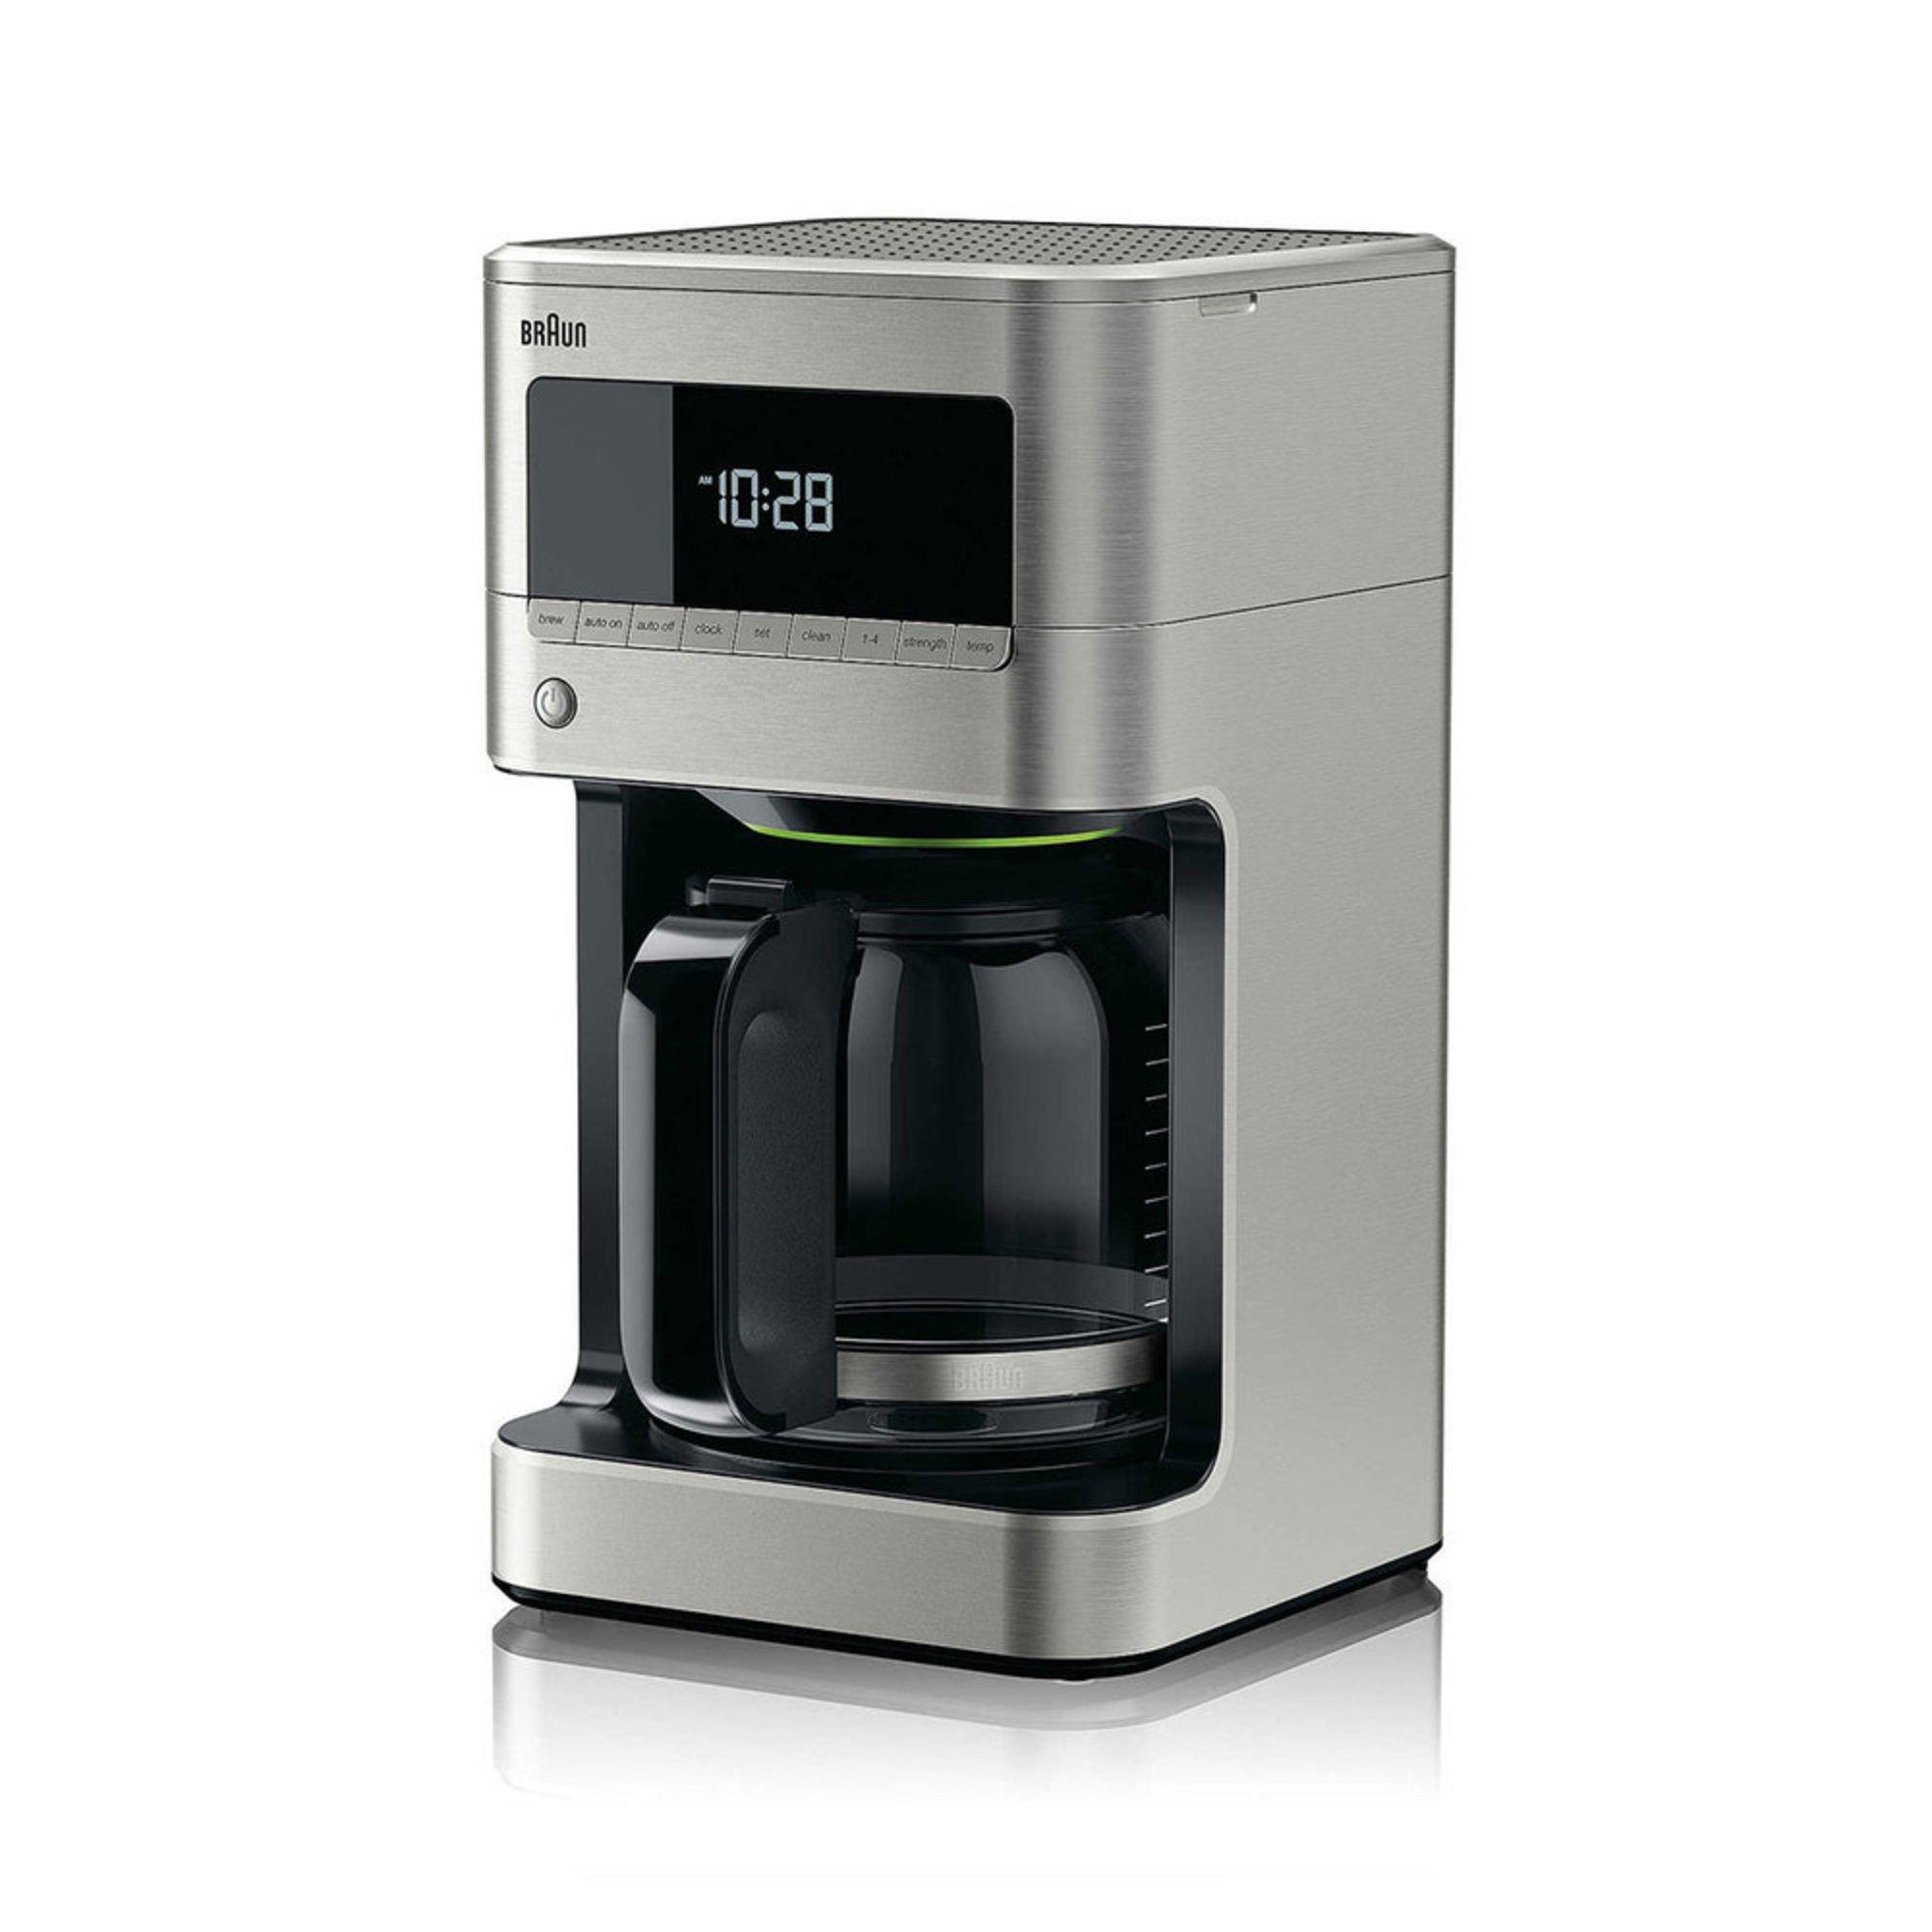 Braun Coffee Maker Official Website : Braun Brewsense Drip Coffee Maker (kf7150bk) Coffee Makers For The Home - Shop Your Navy ...